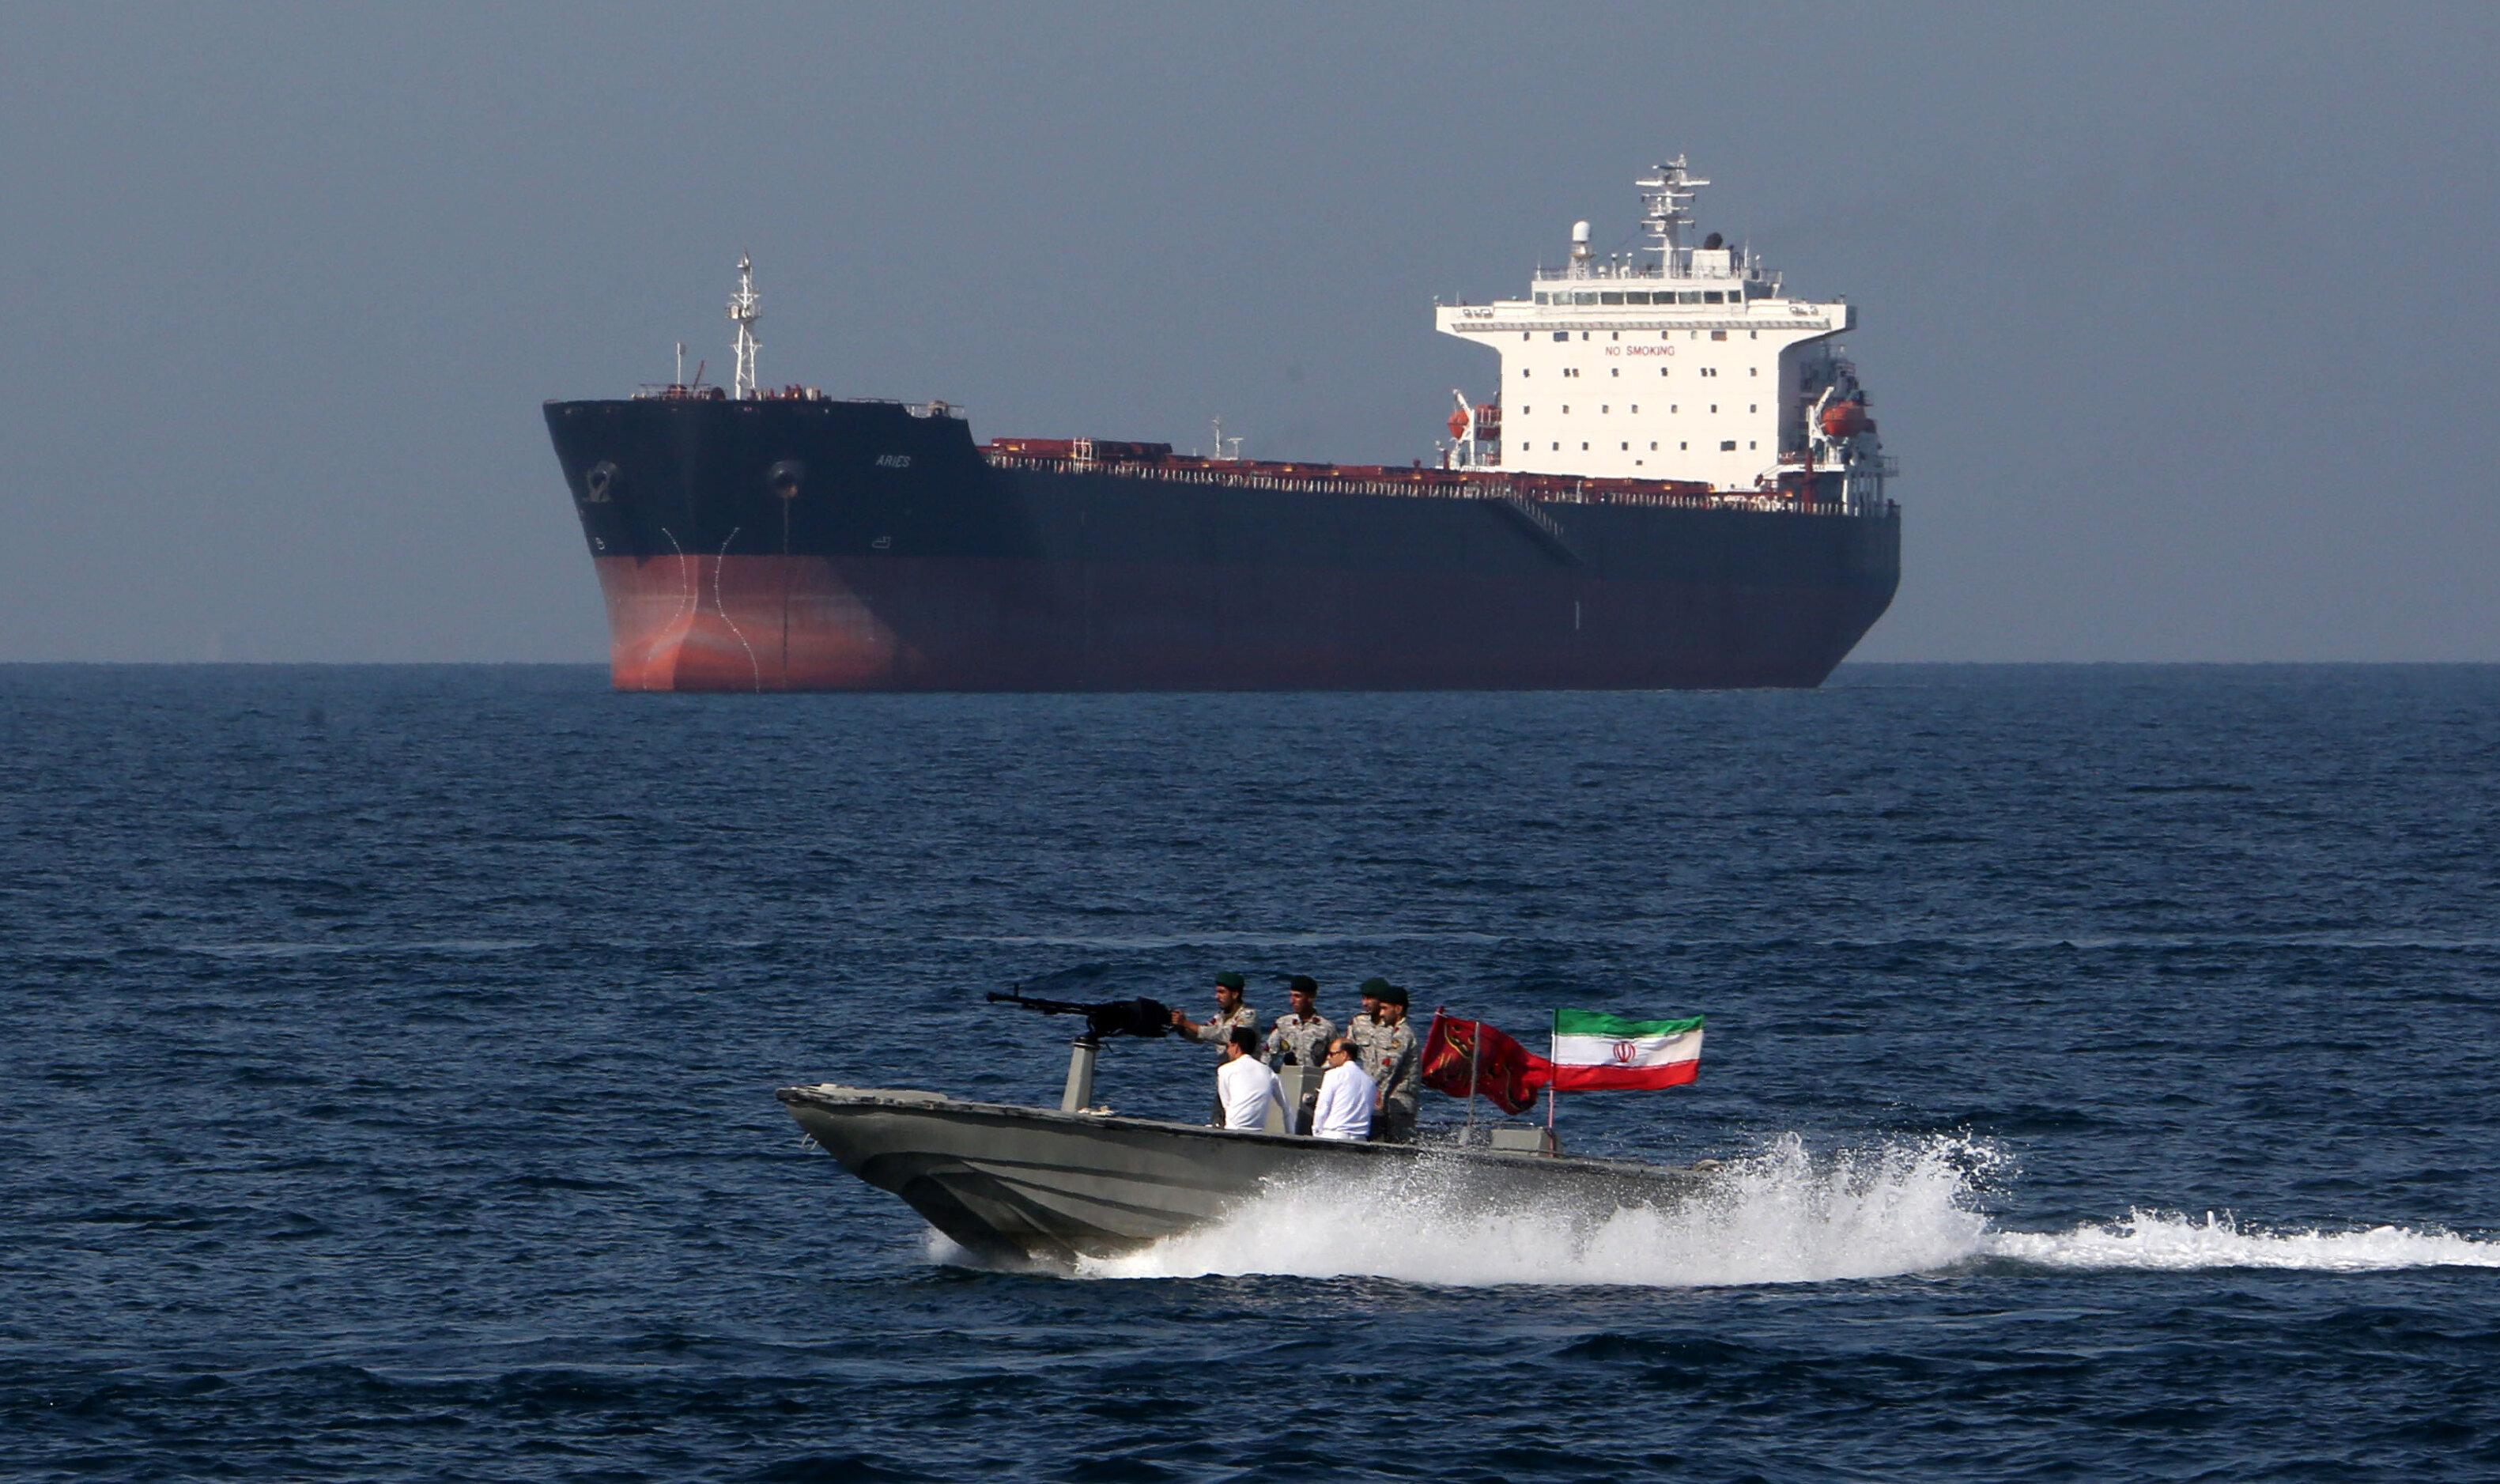 호르무즈 해협 인근에서 사우디 유조선 등이 의문의 공격을